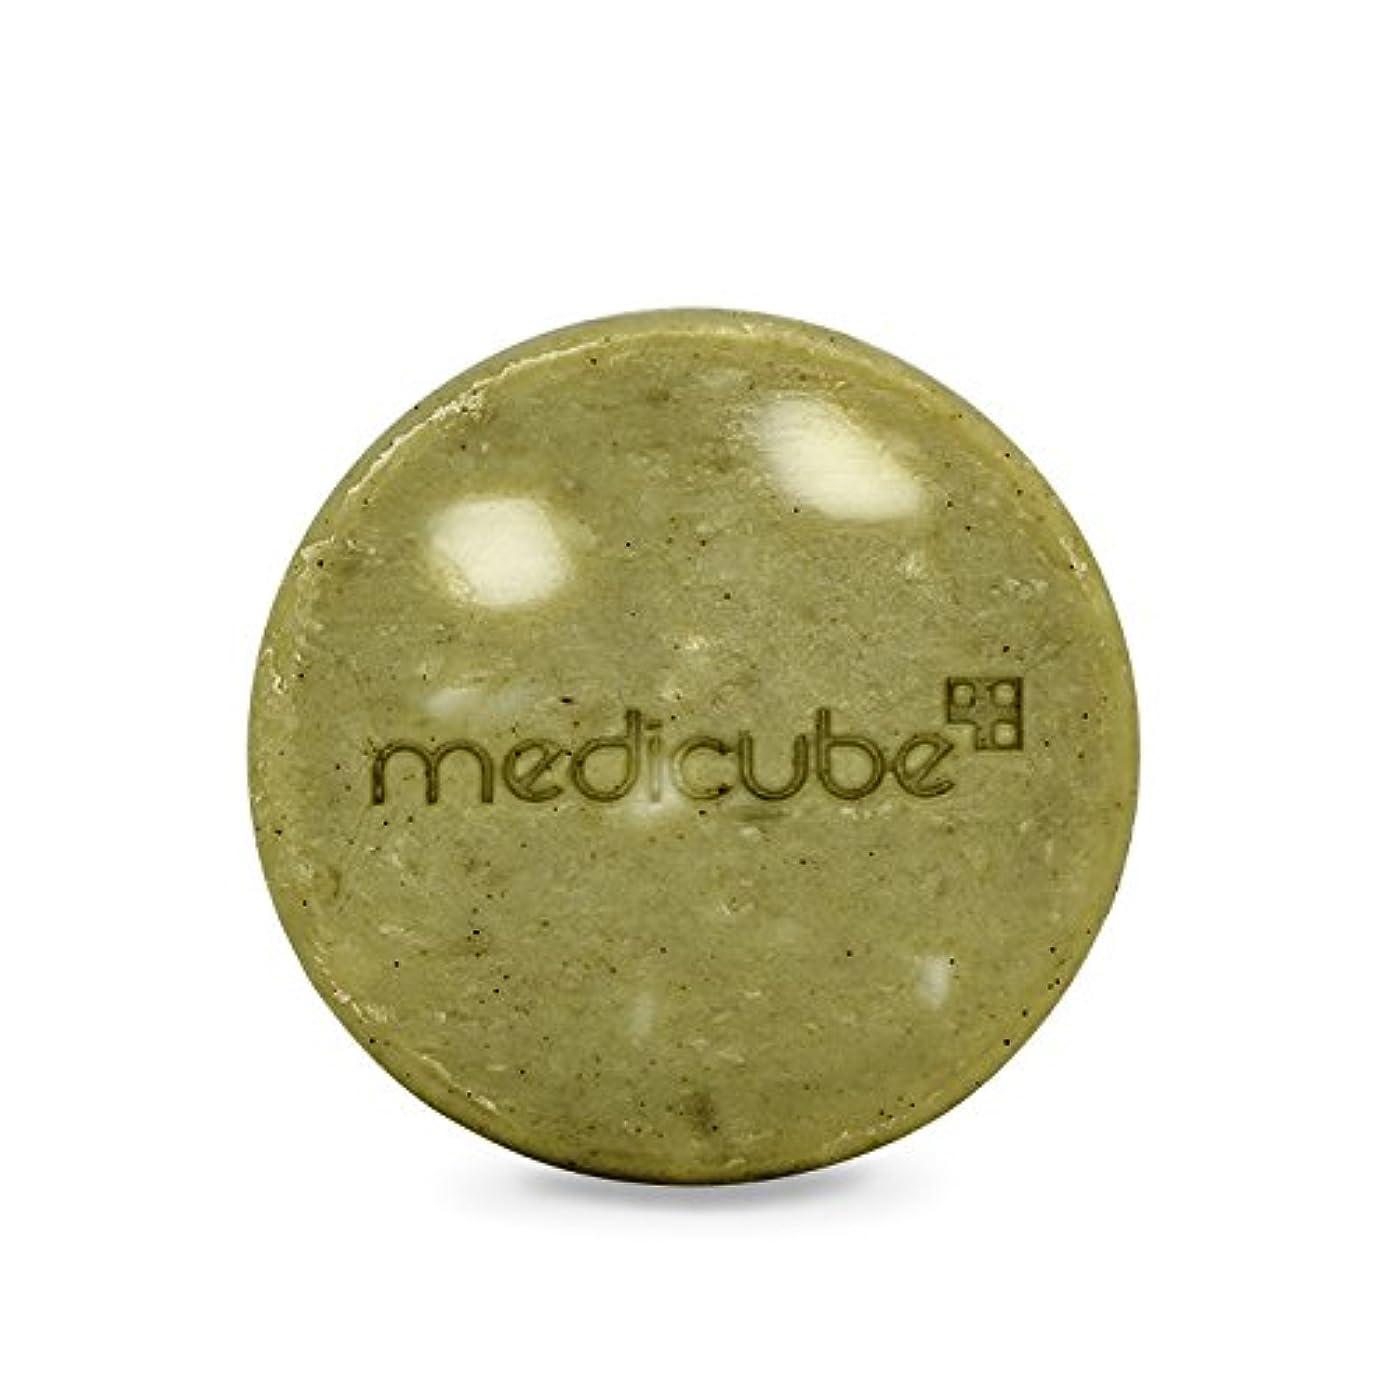 飛ぶコマンド動的[Medicube]Red Body Bar / メディキューブレッドボディバー / 正品?海外直送商品 [並行輸入品]